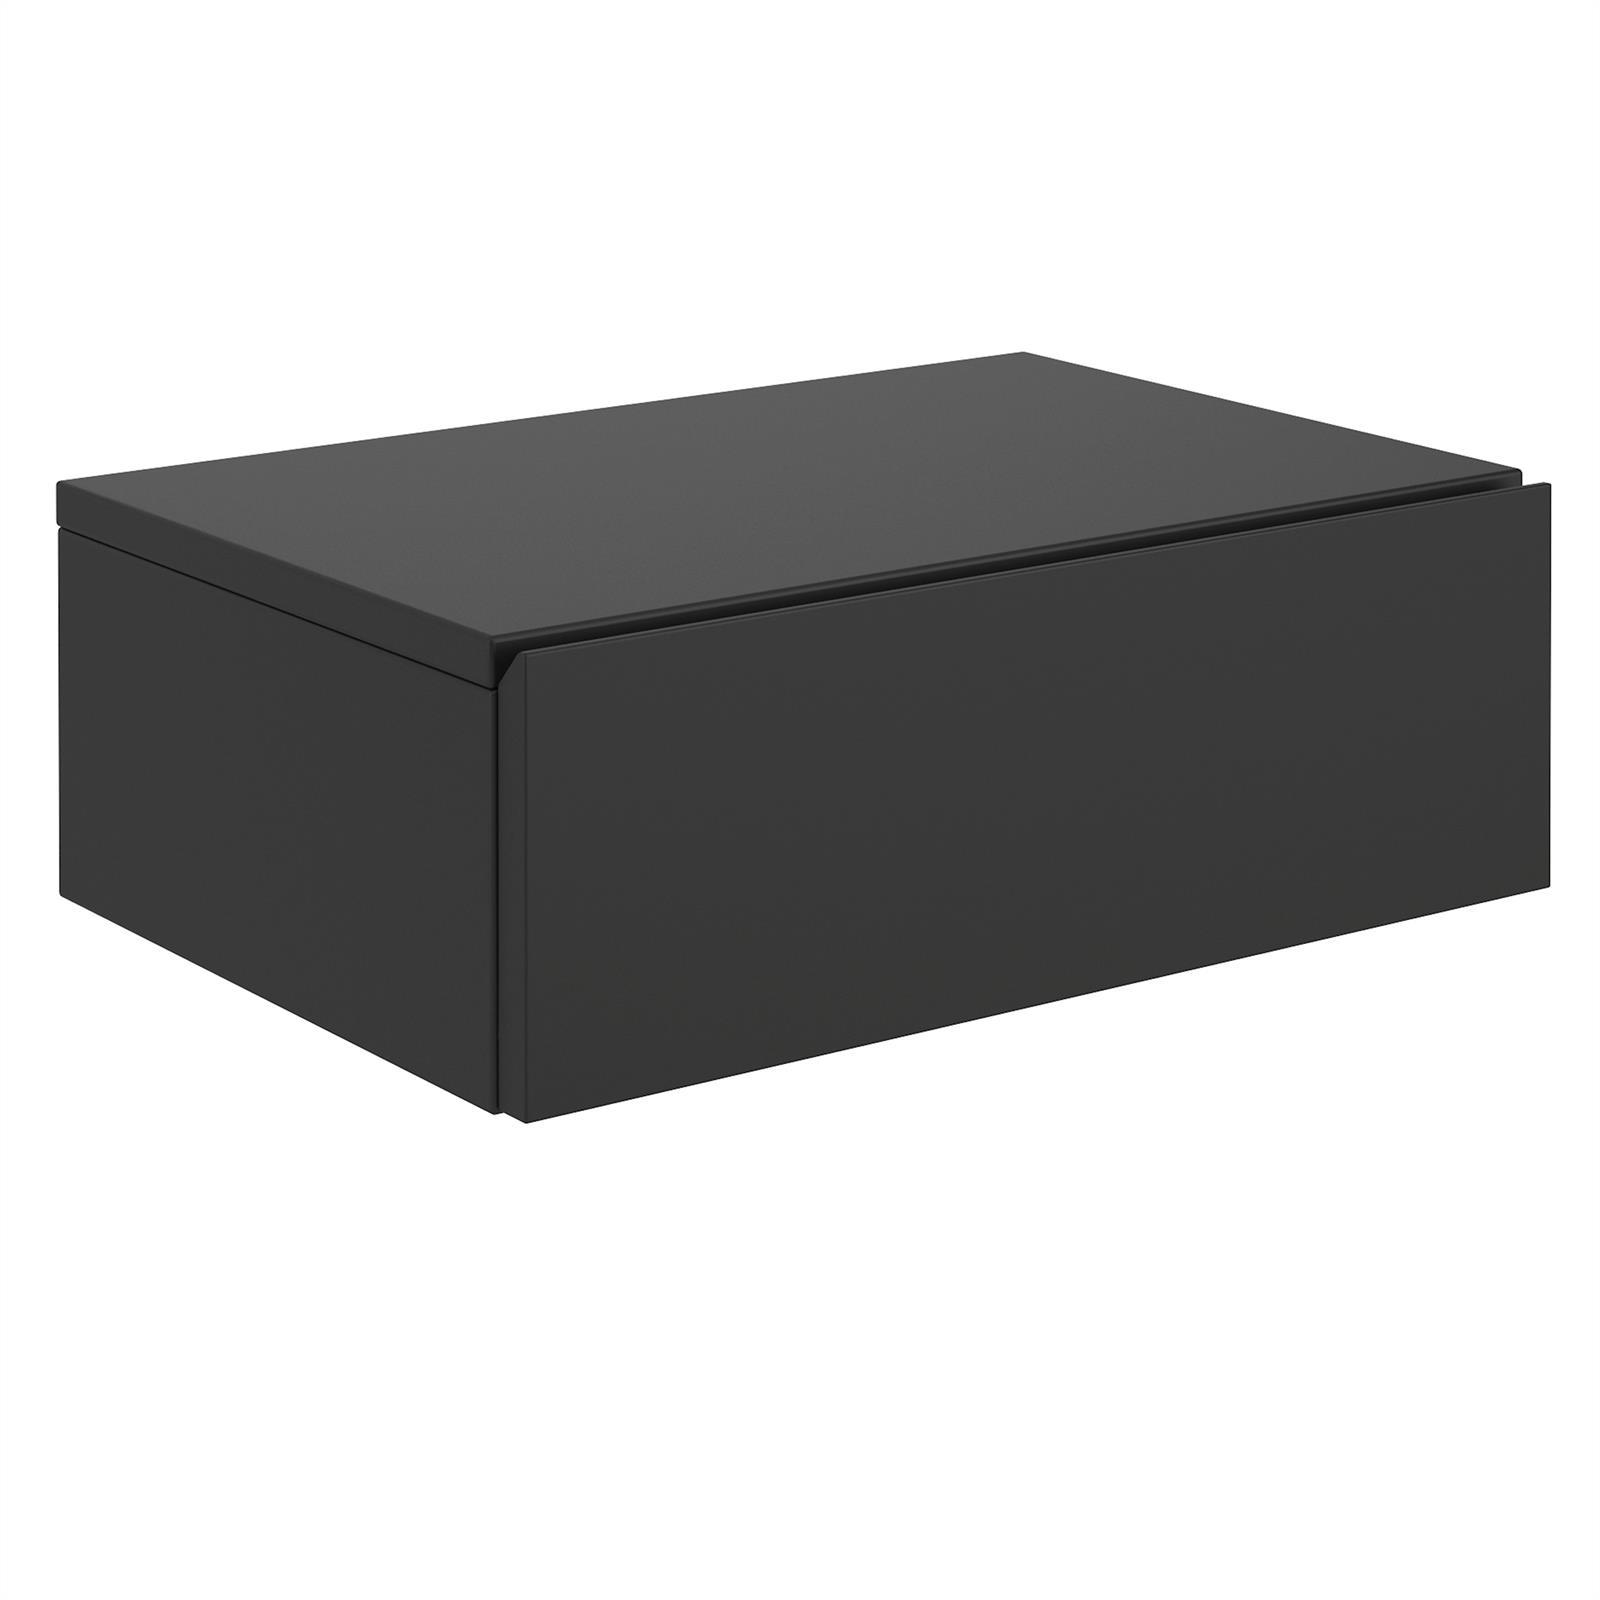 wandregal mit schublade nachtkommode h ngend wandboard h ngeregal ebay. Black Bedroom Furniture Sets. Home Design Ideas